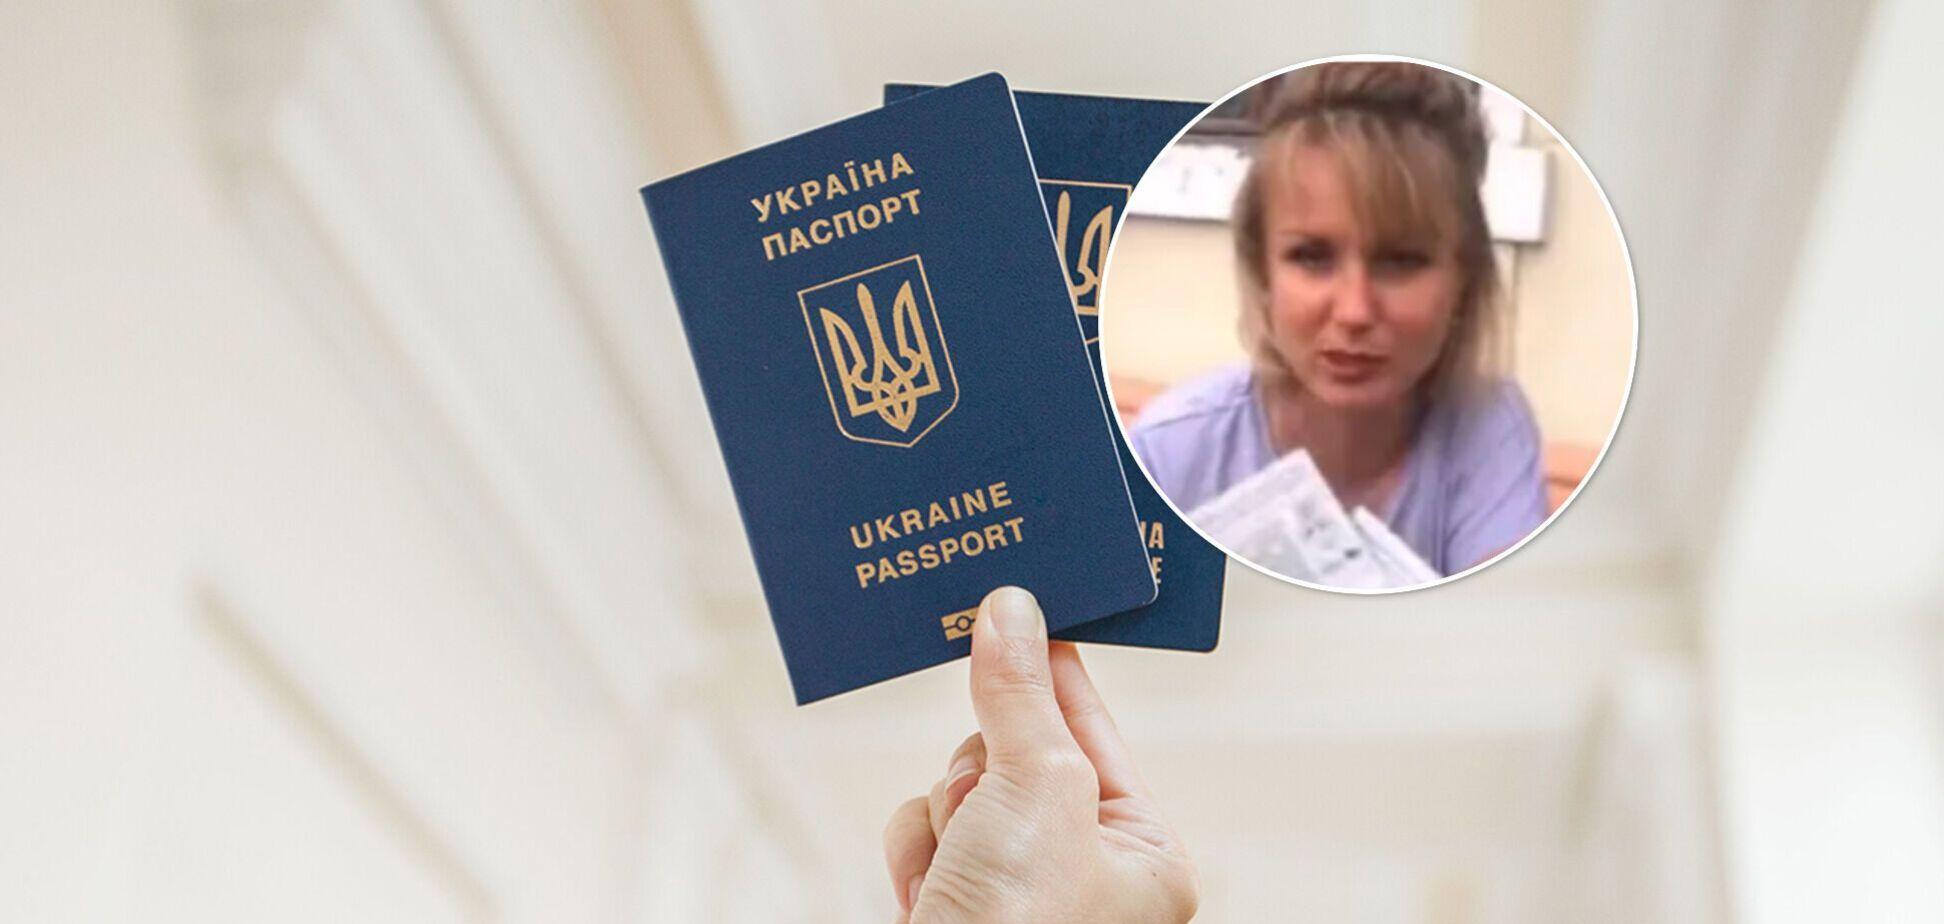 В Харькове украинка с детьми выбросила паспорта на газон